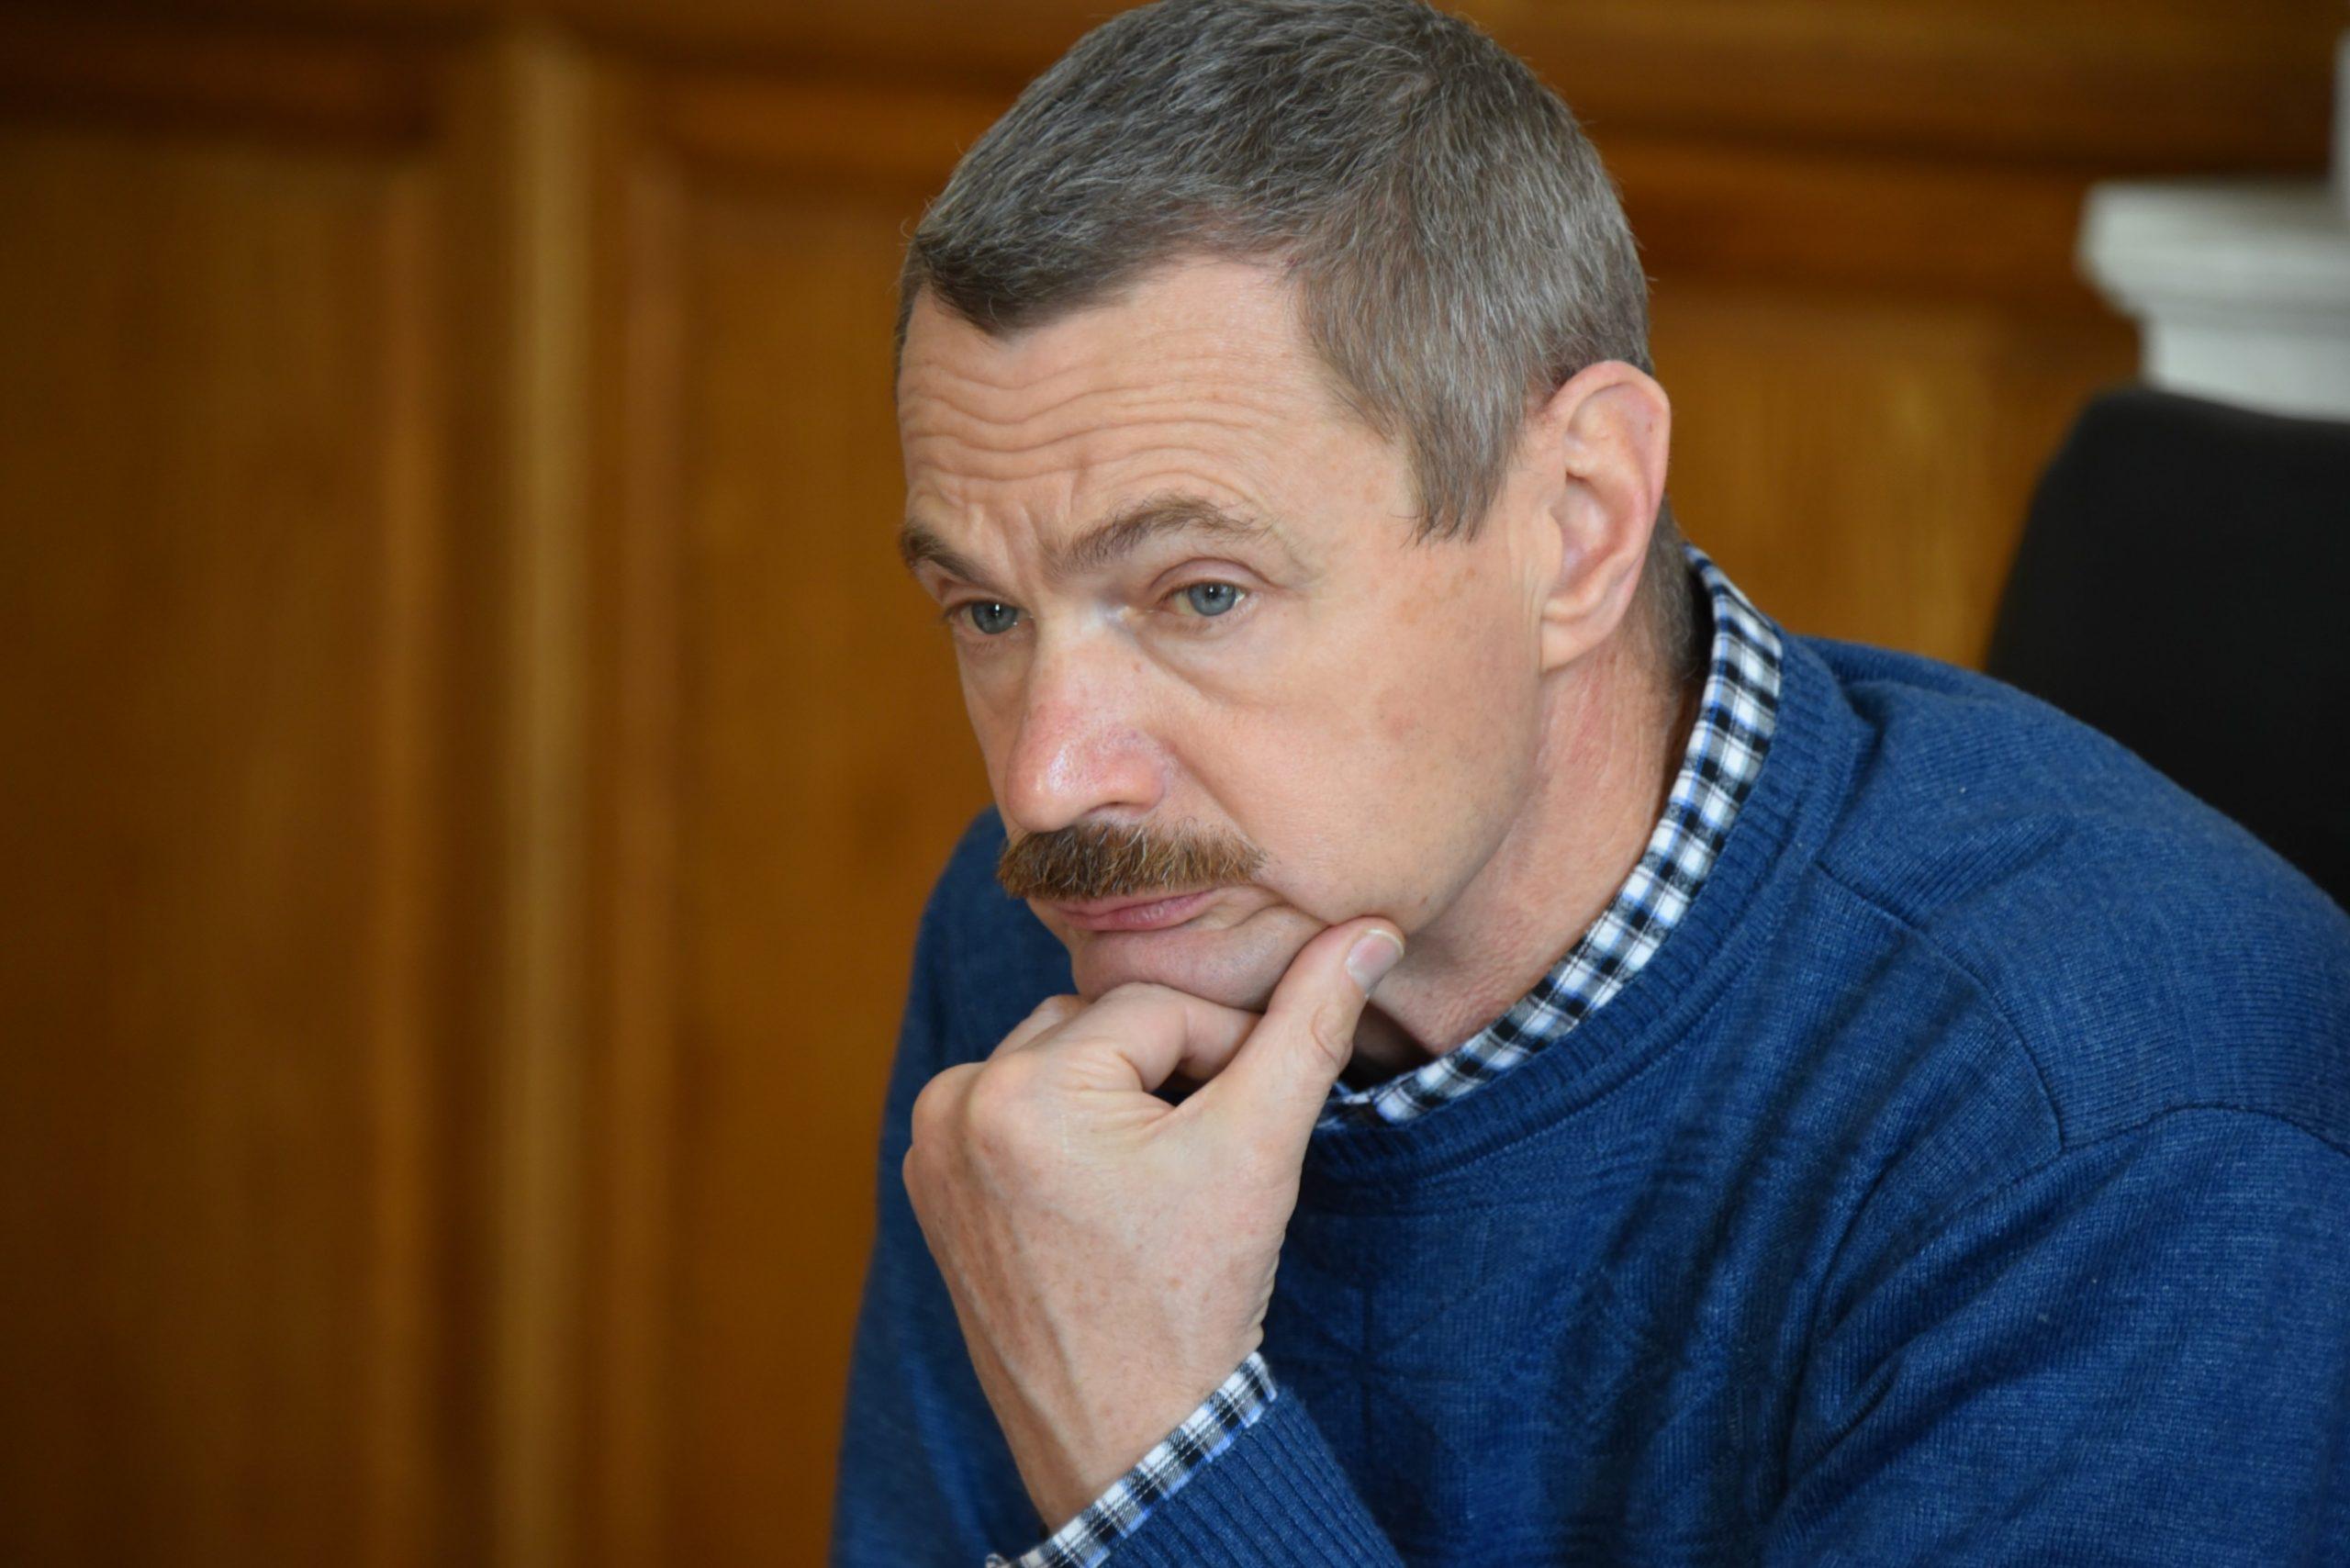 Горелов пошел против «Зеленых» и продолжает идти против поправок к Конституции?